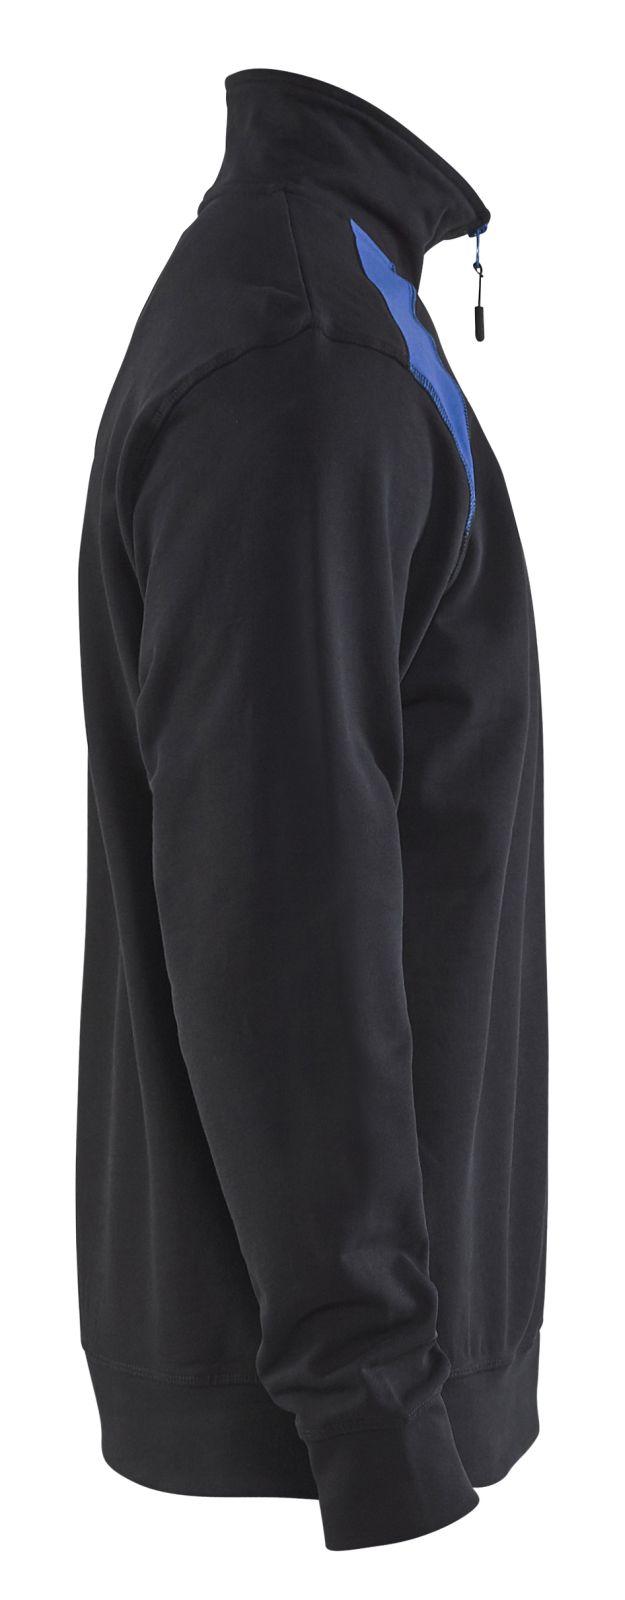 Blaklader Truien 33531158 zwart-korenblauw(9985)